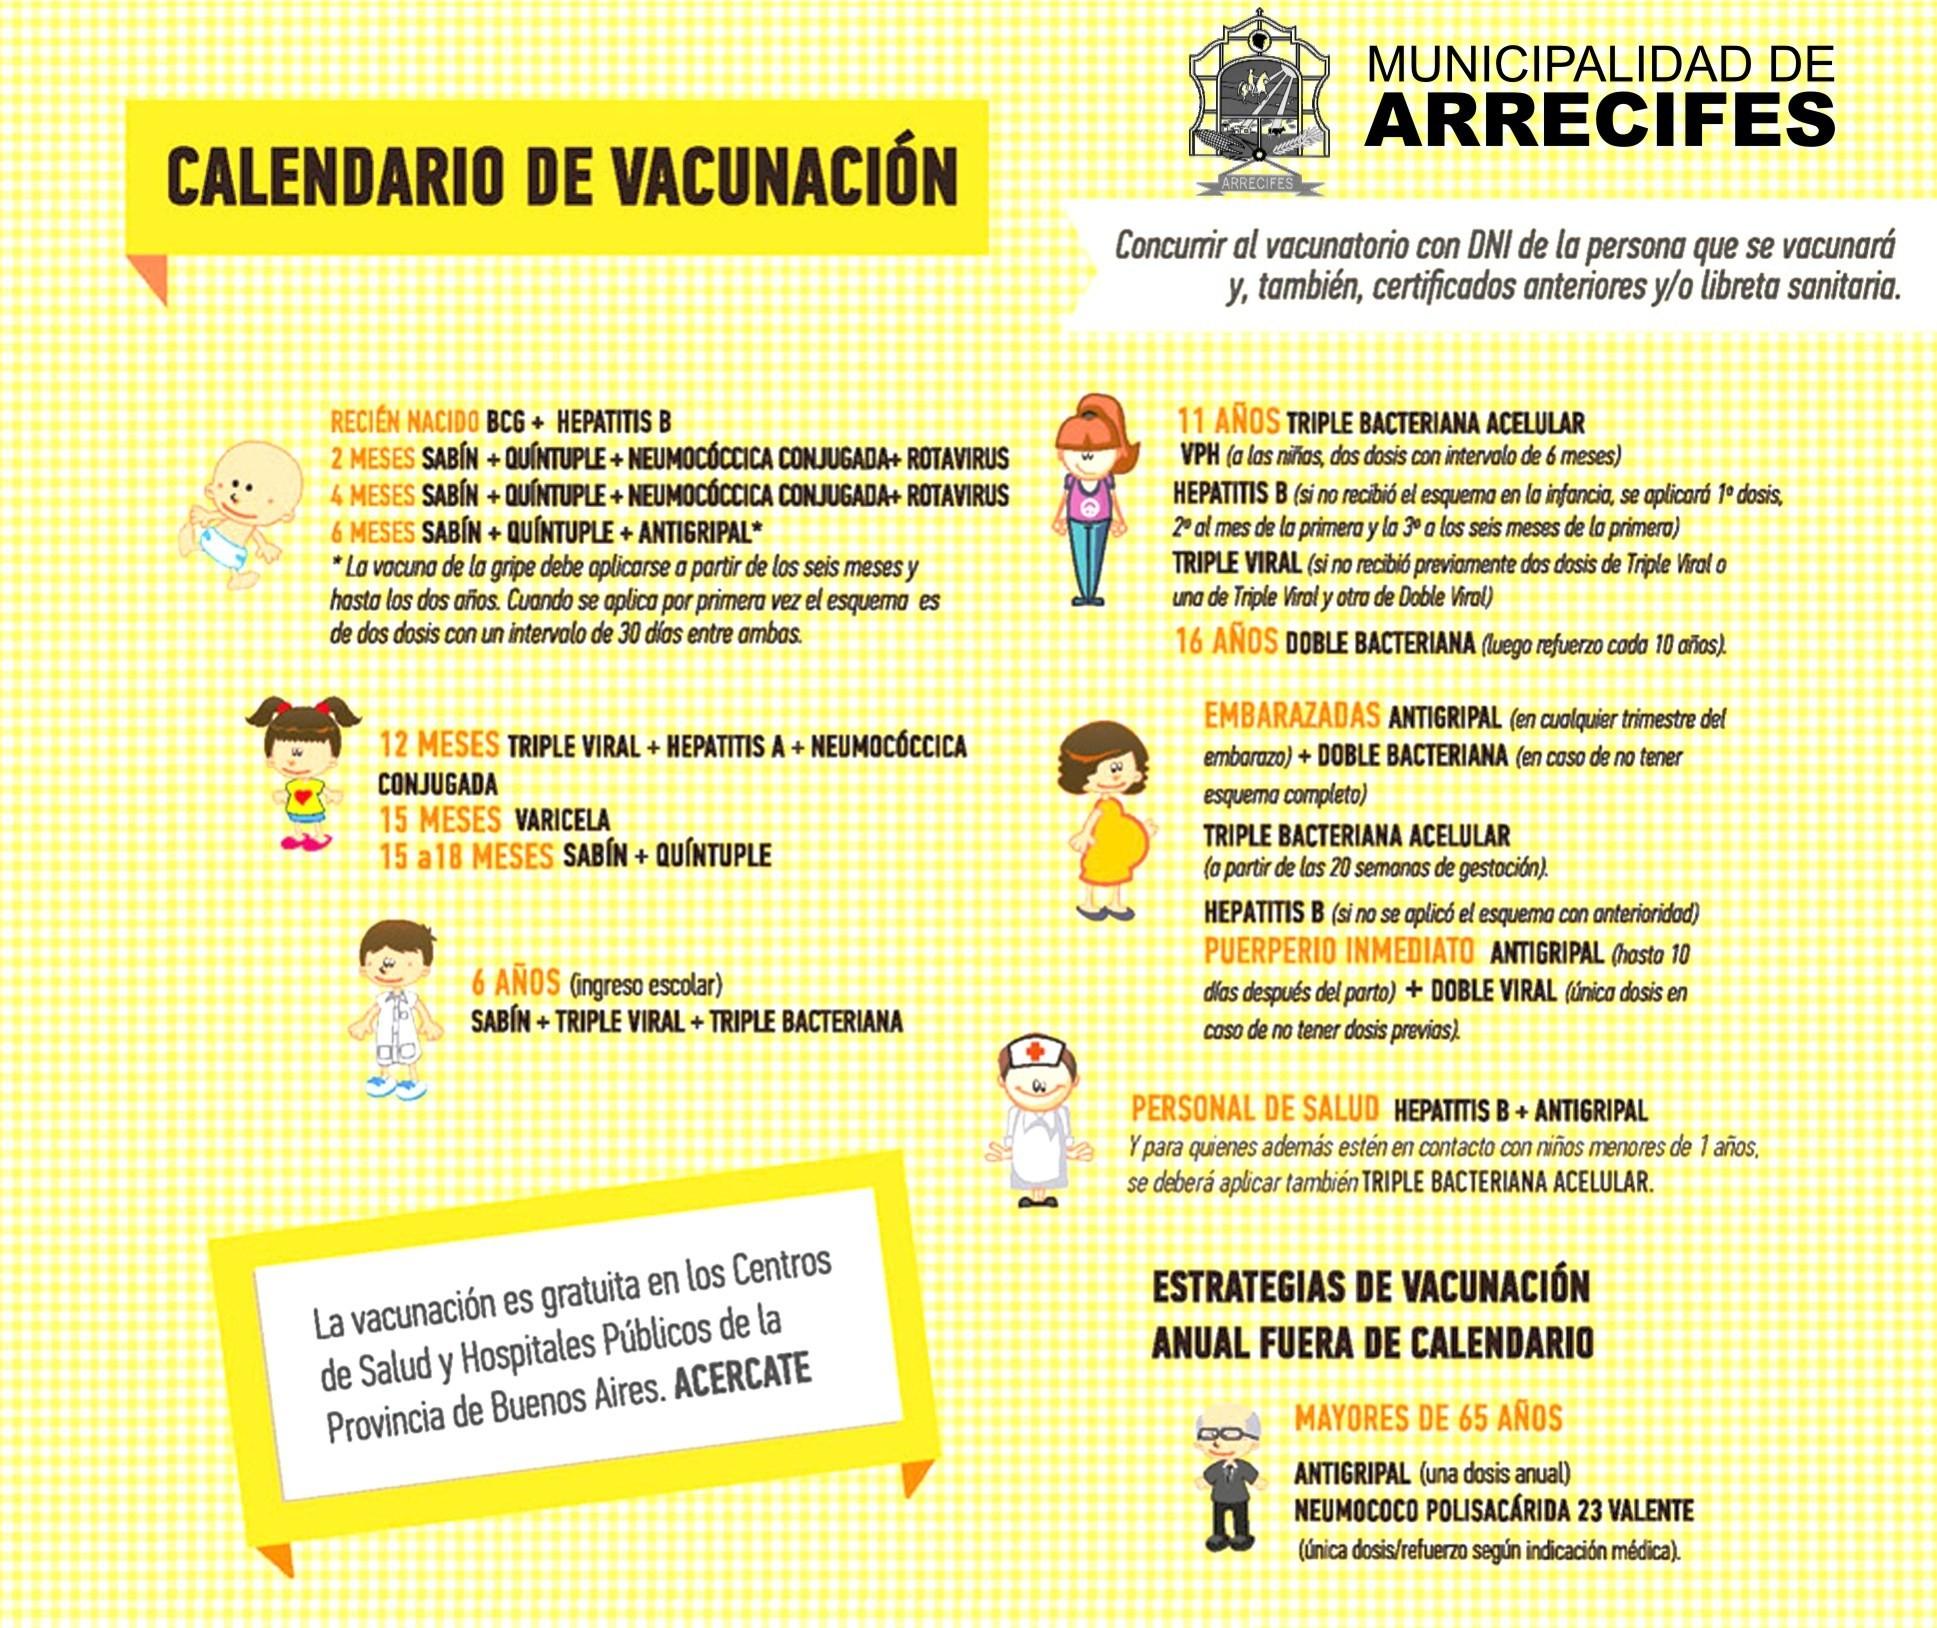 Imprimir Calendario Laboral Madrid 2019 Más Caliente Calendario De Meses De Embarazo Of Imprimir Calendario Laboral Madrid 2019 Más Caliente El Mundo 06 04 2018